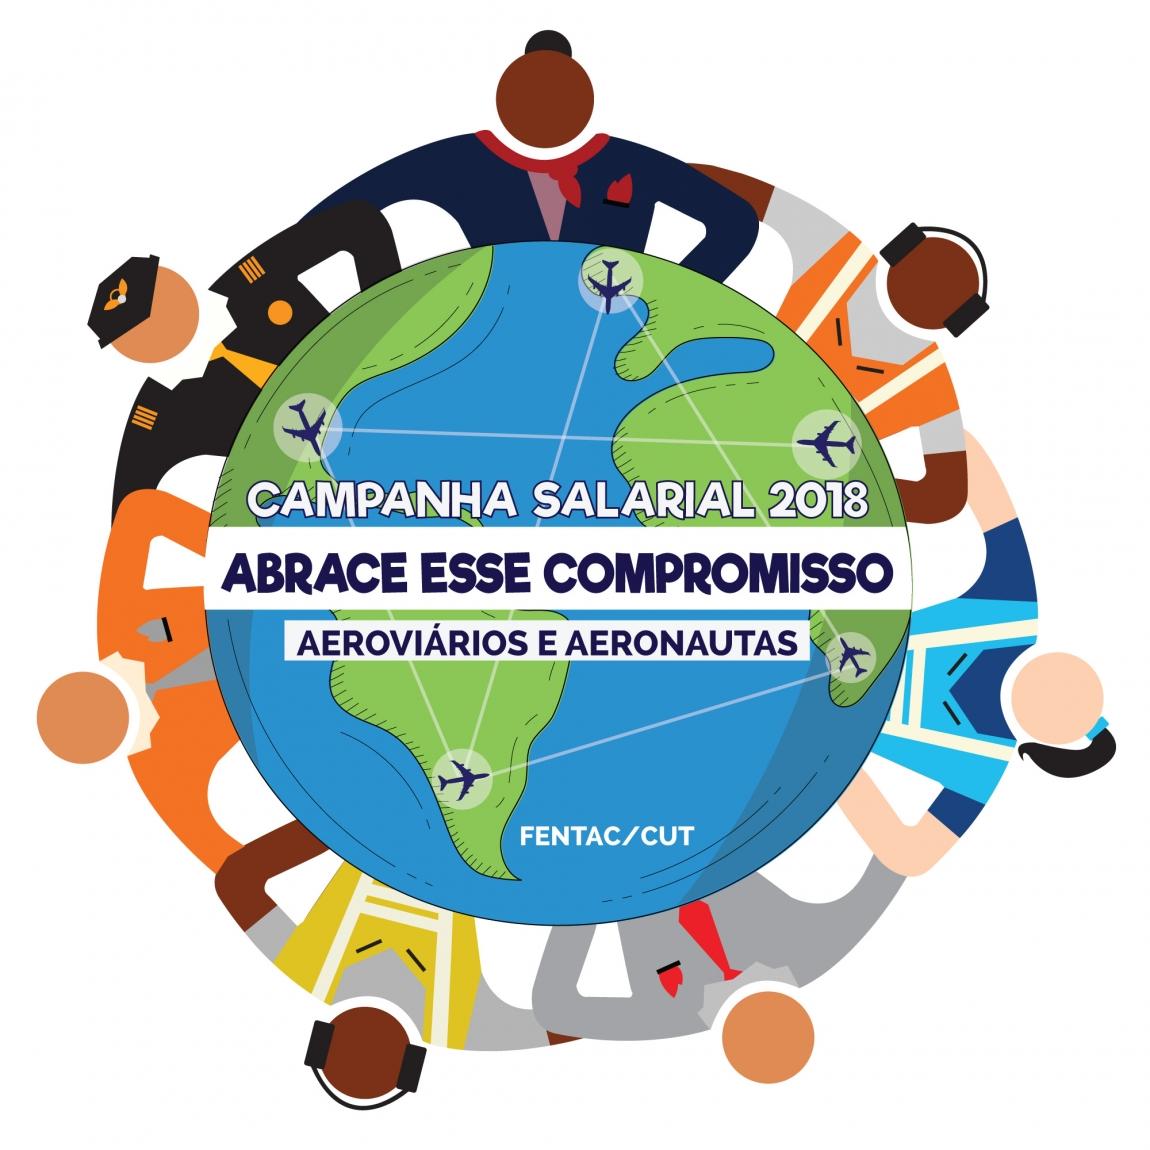 Imagem de Campanha Salarial Aviação: Aeroviários de Pernambuco, Guarulhos, Porto Alegre e Nacional rejeitam segunda contraproposta das empresas aéreas